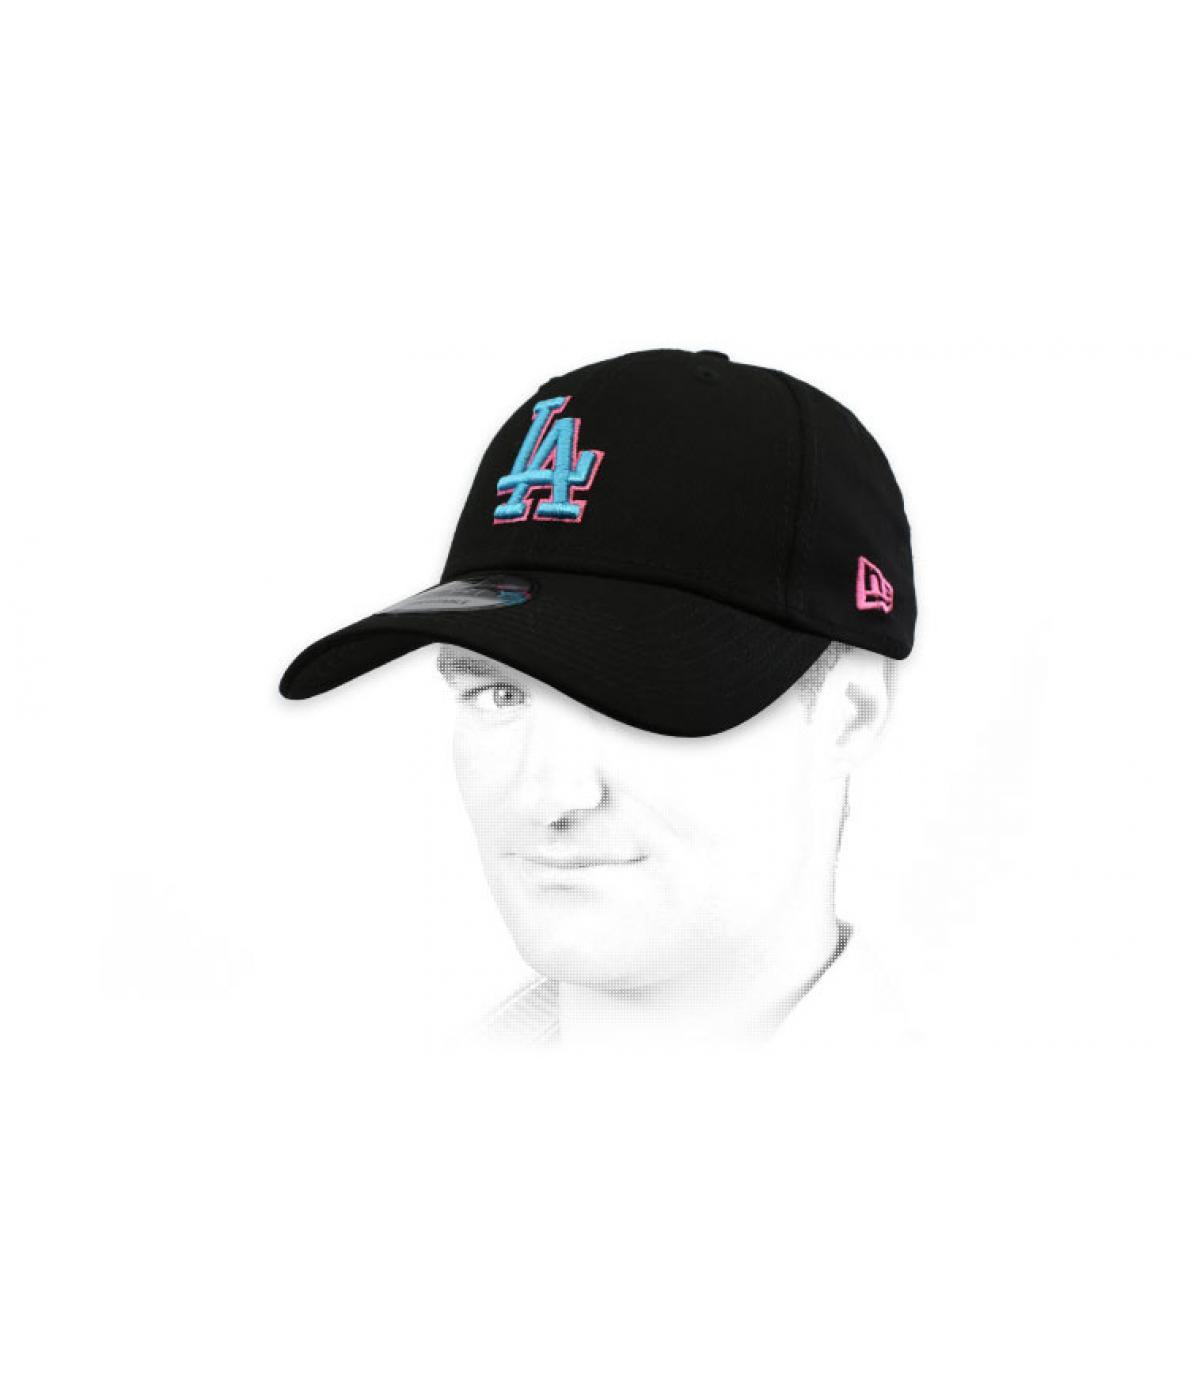 Cap LA schwarz blau